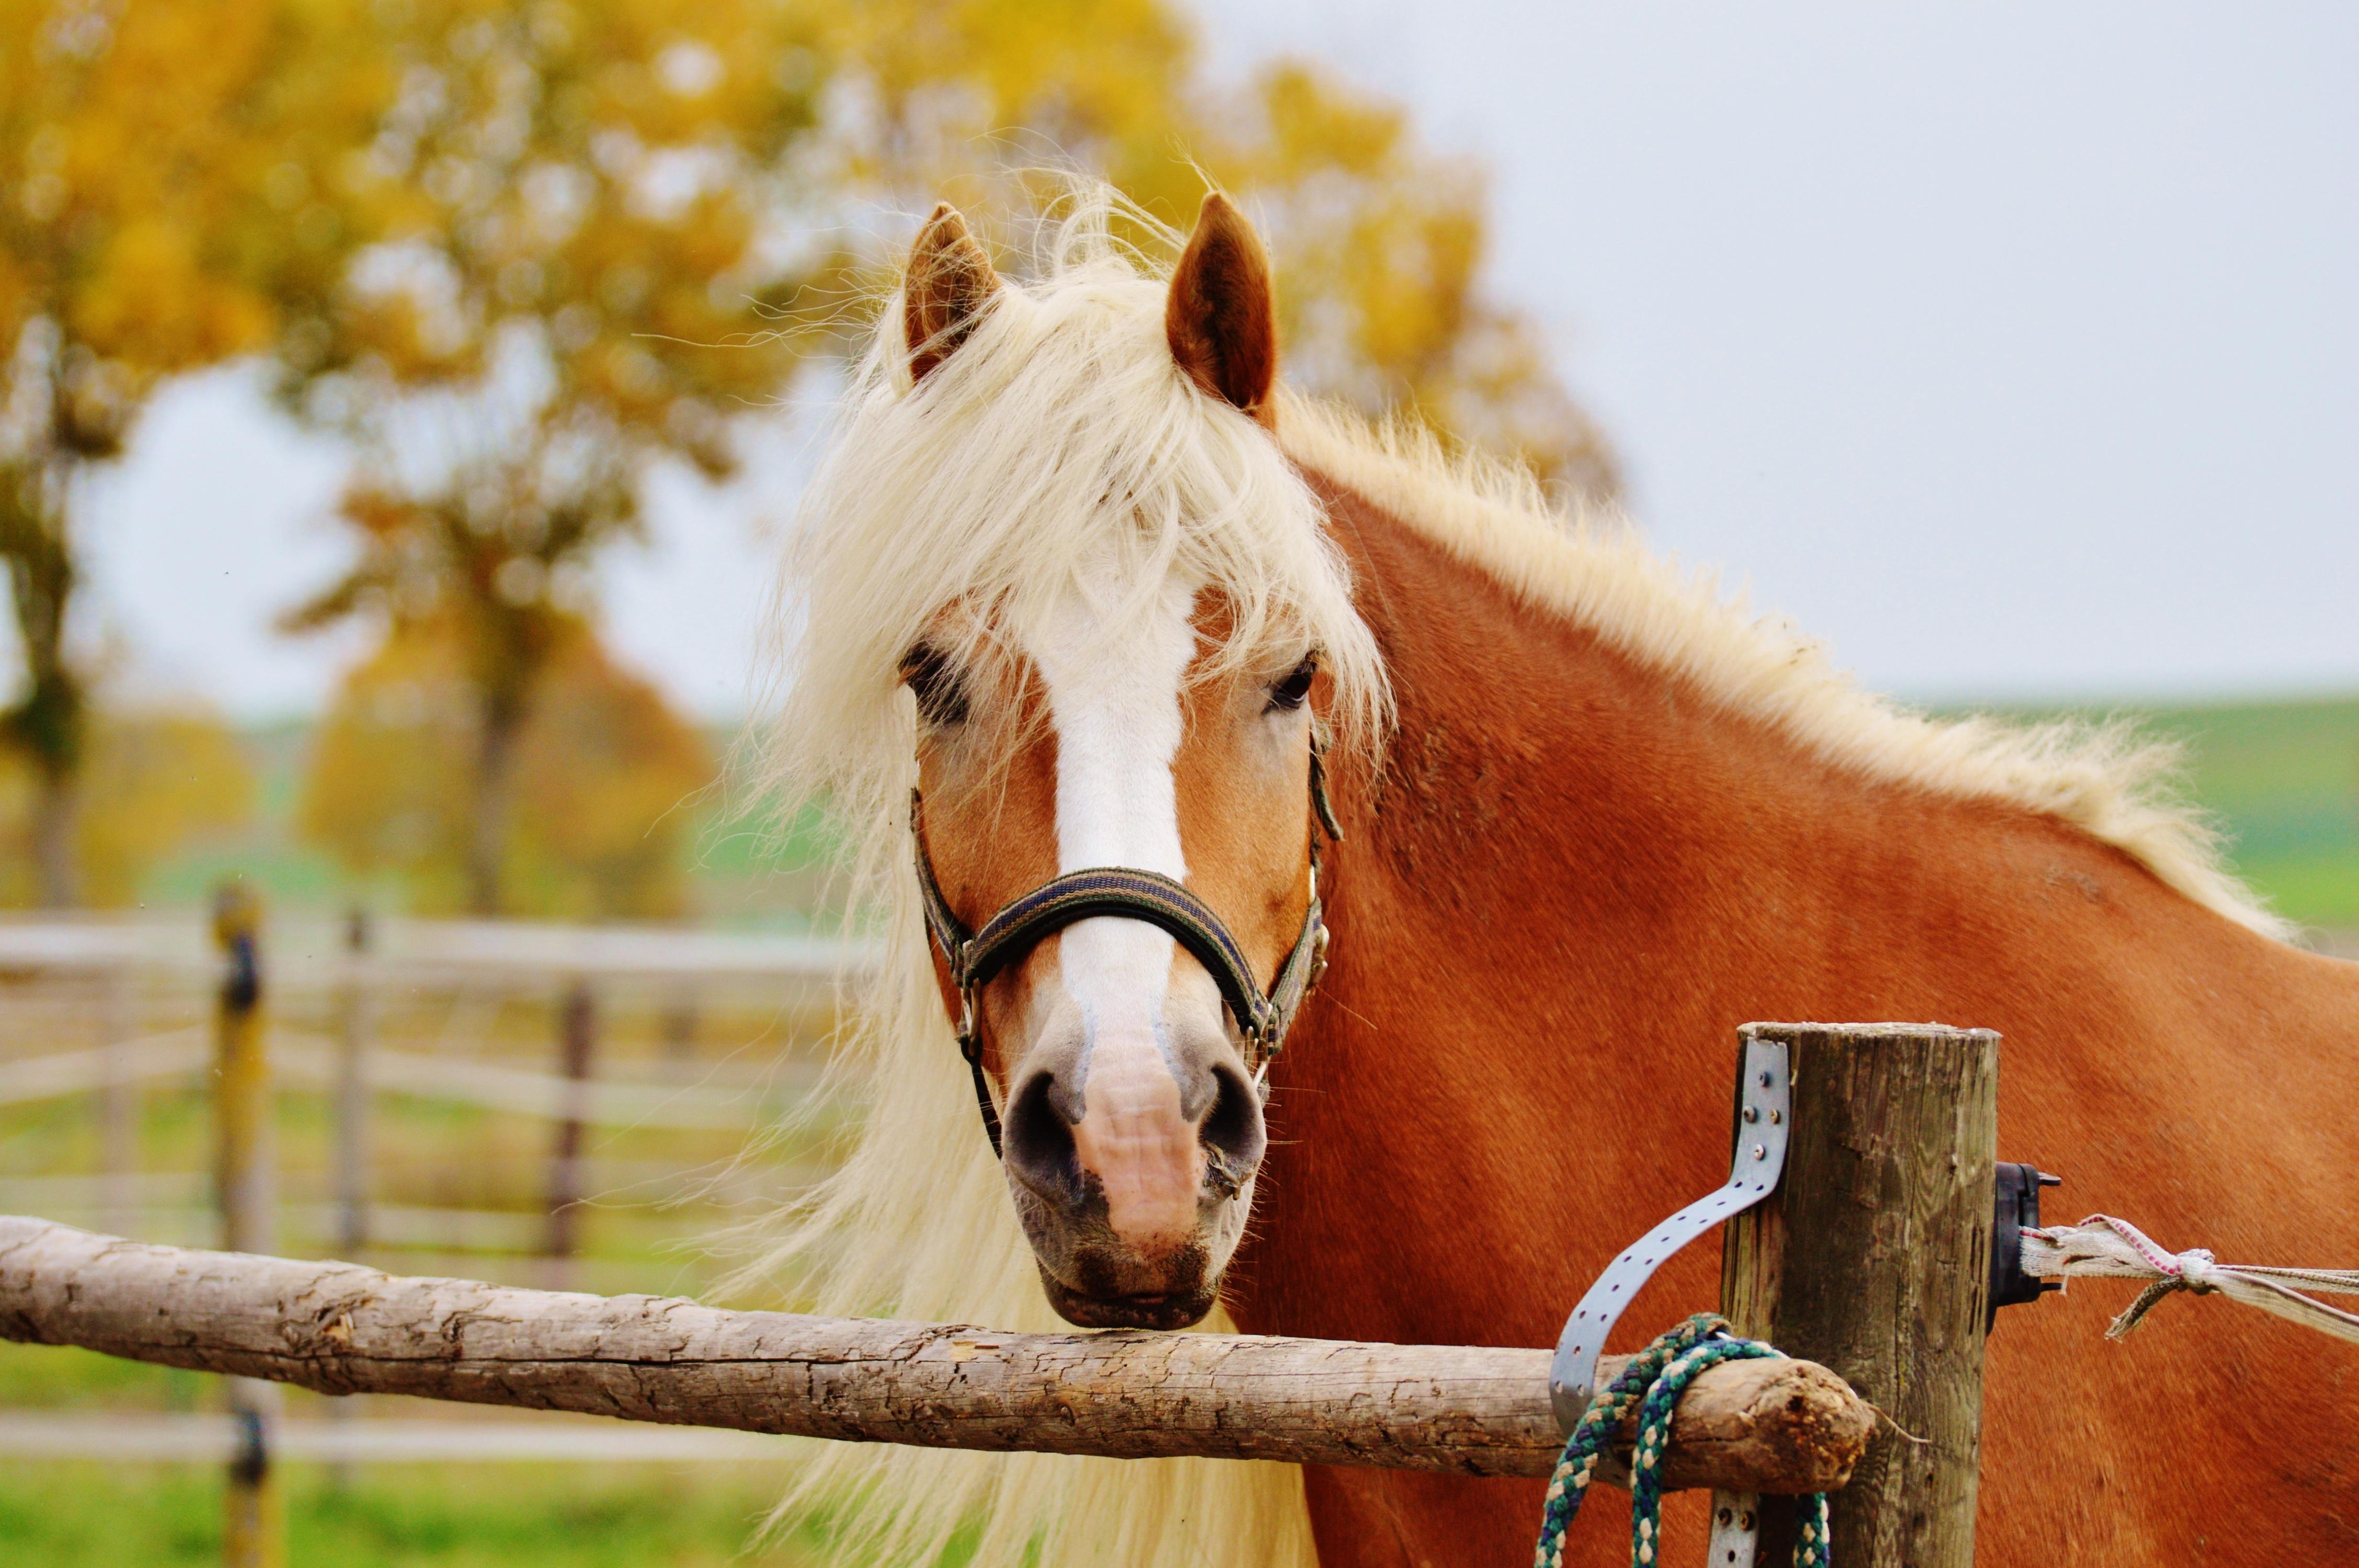 louka zvíře kůň podzim hnědý savec hřebec hříva jezdit barvitý fauna listy  obratlovců kobyla spojování Reiterhof 0110f17949